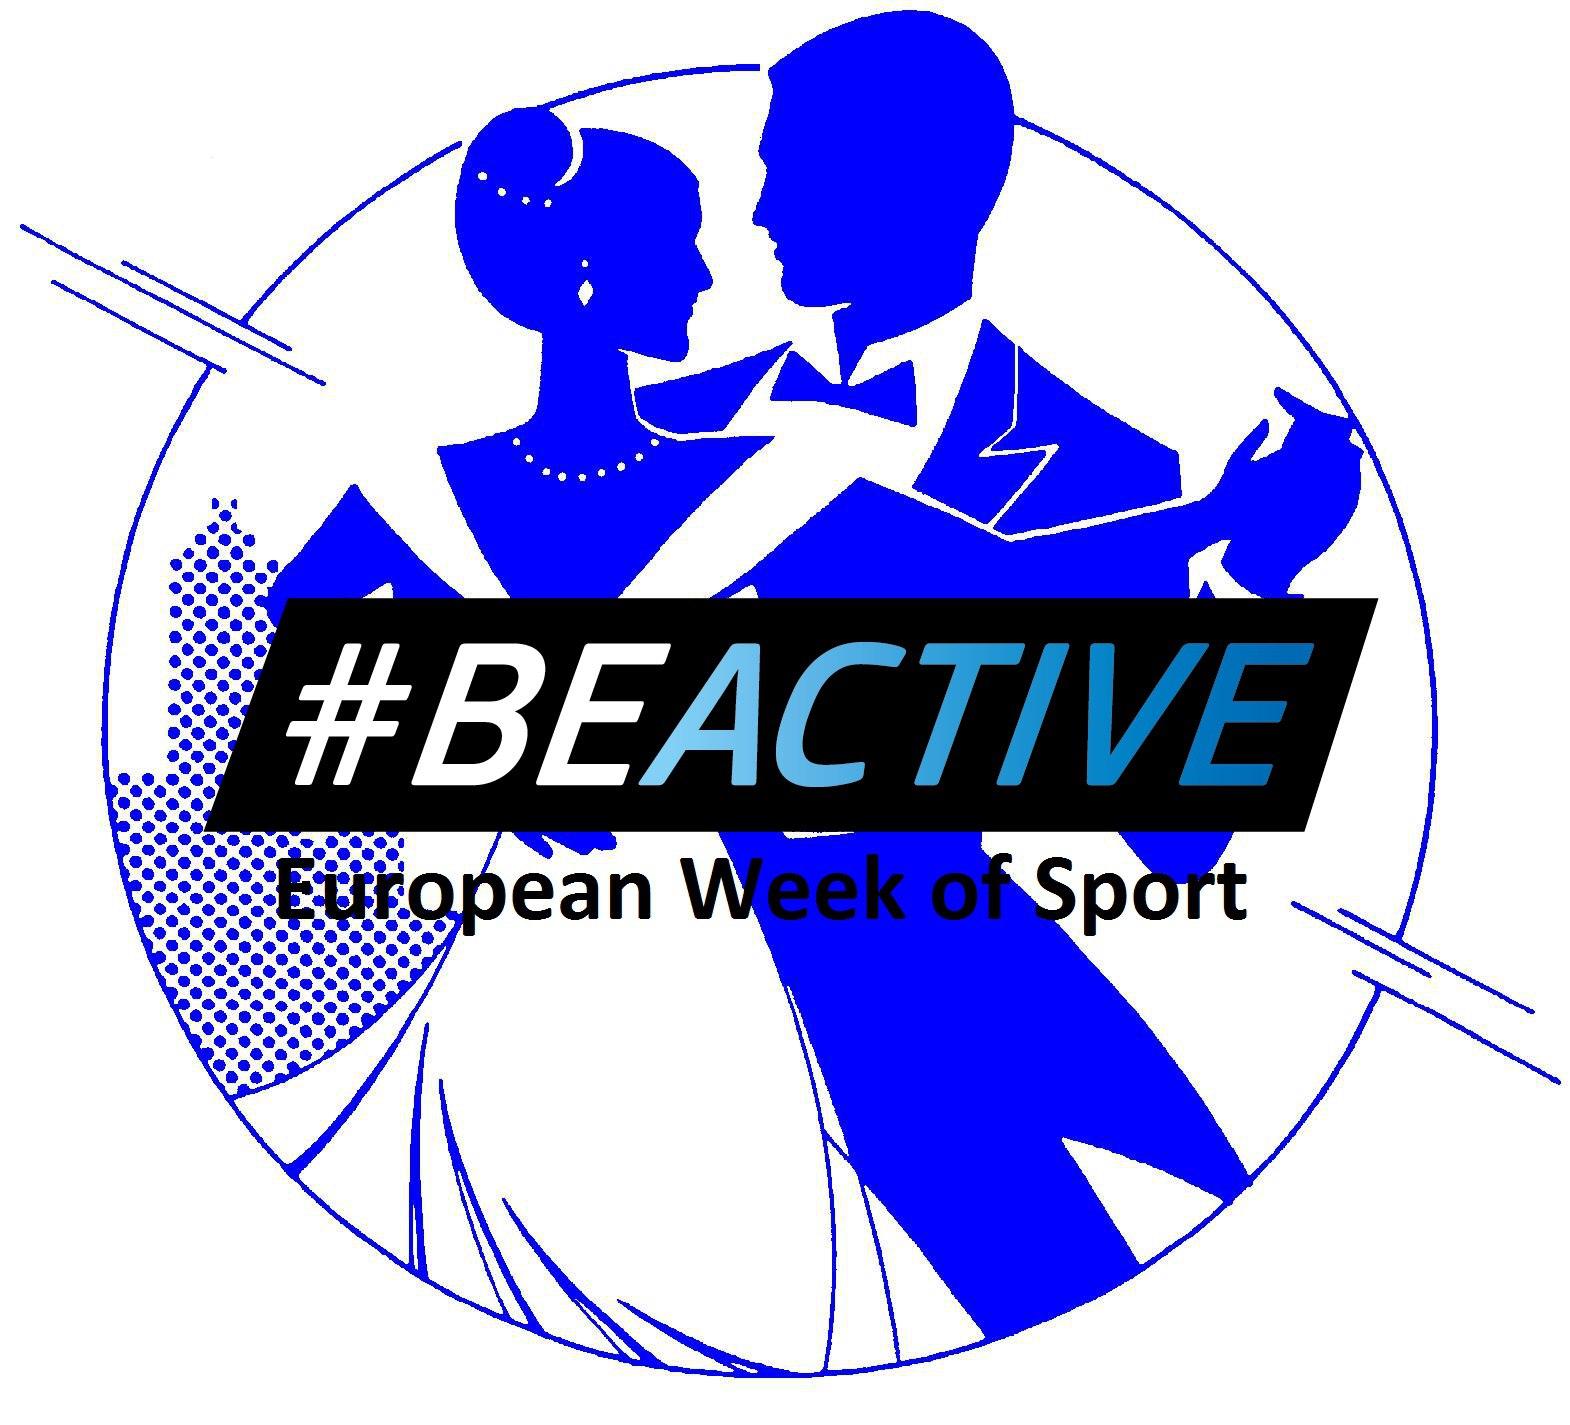 beactive_qtse_logo_kek